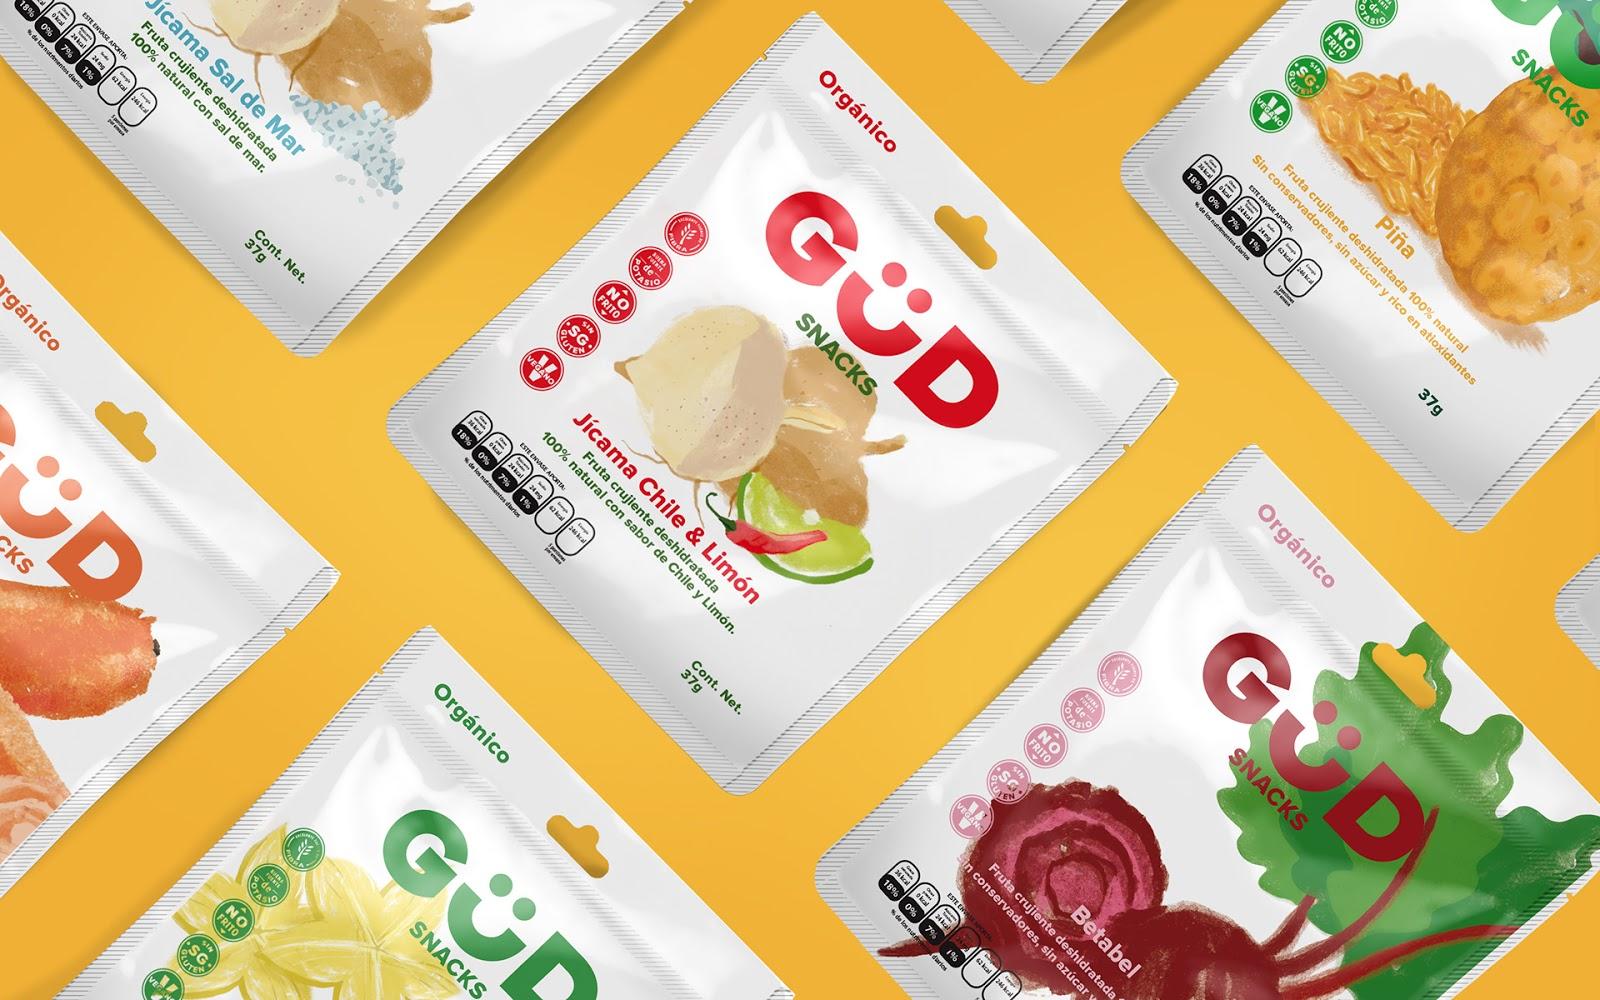 GUD果汁和干果包装设计